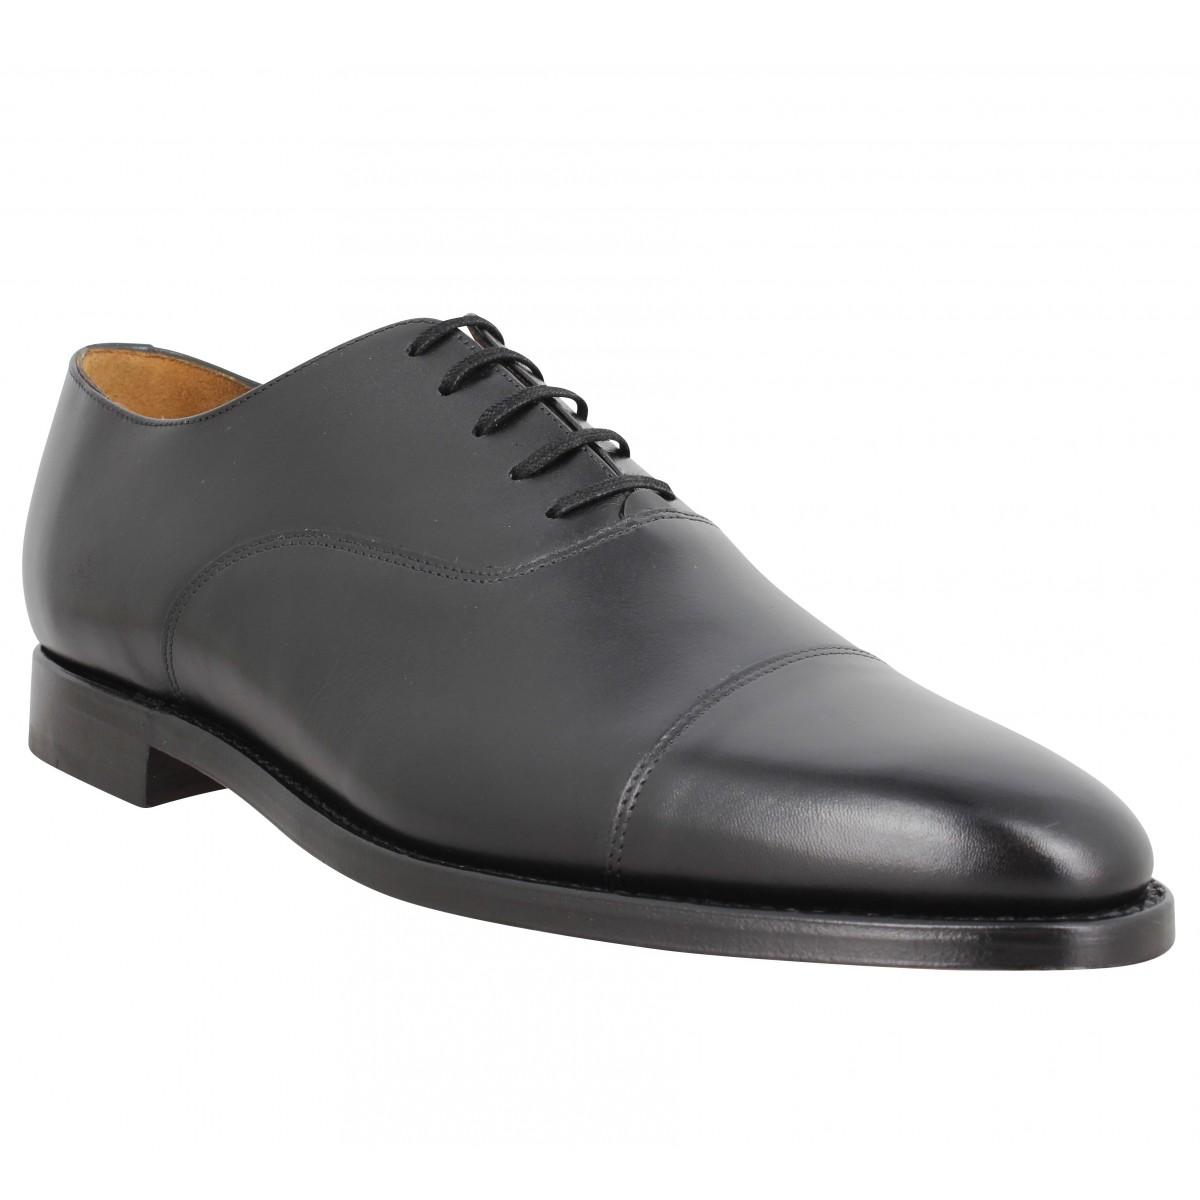 Chaussures à lacets BOBBIES Jean Coltrane cuir Homme Noir